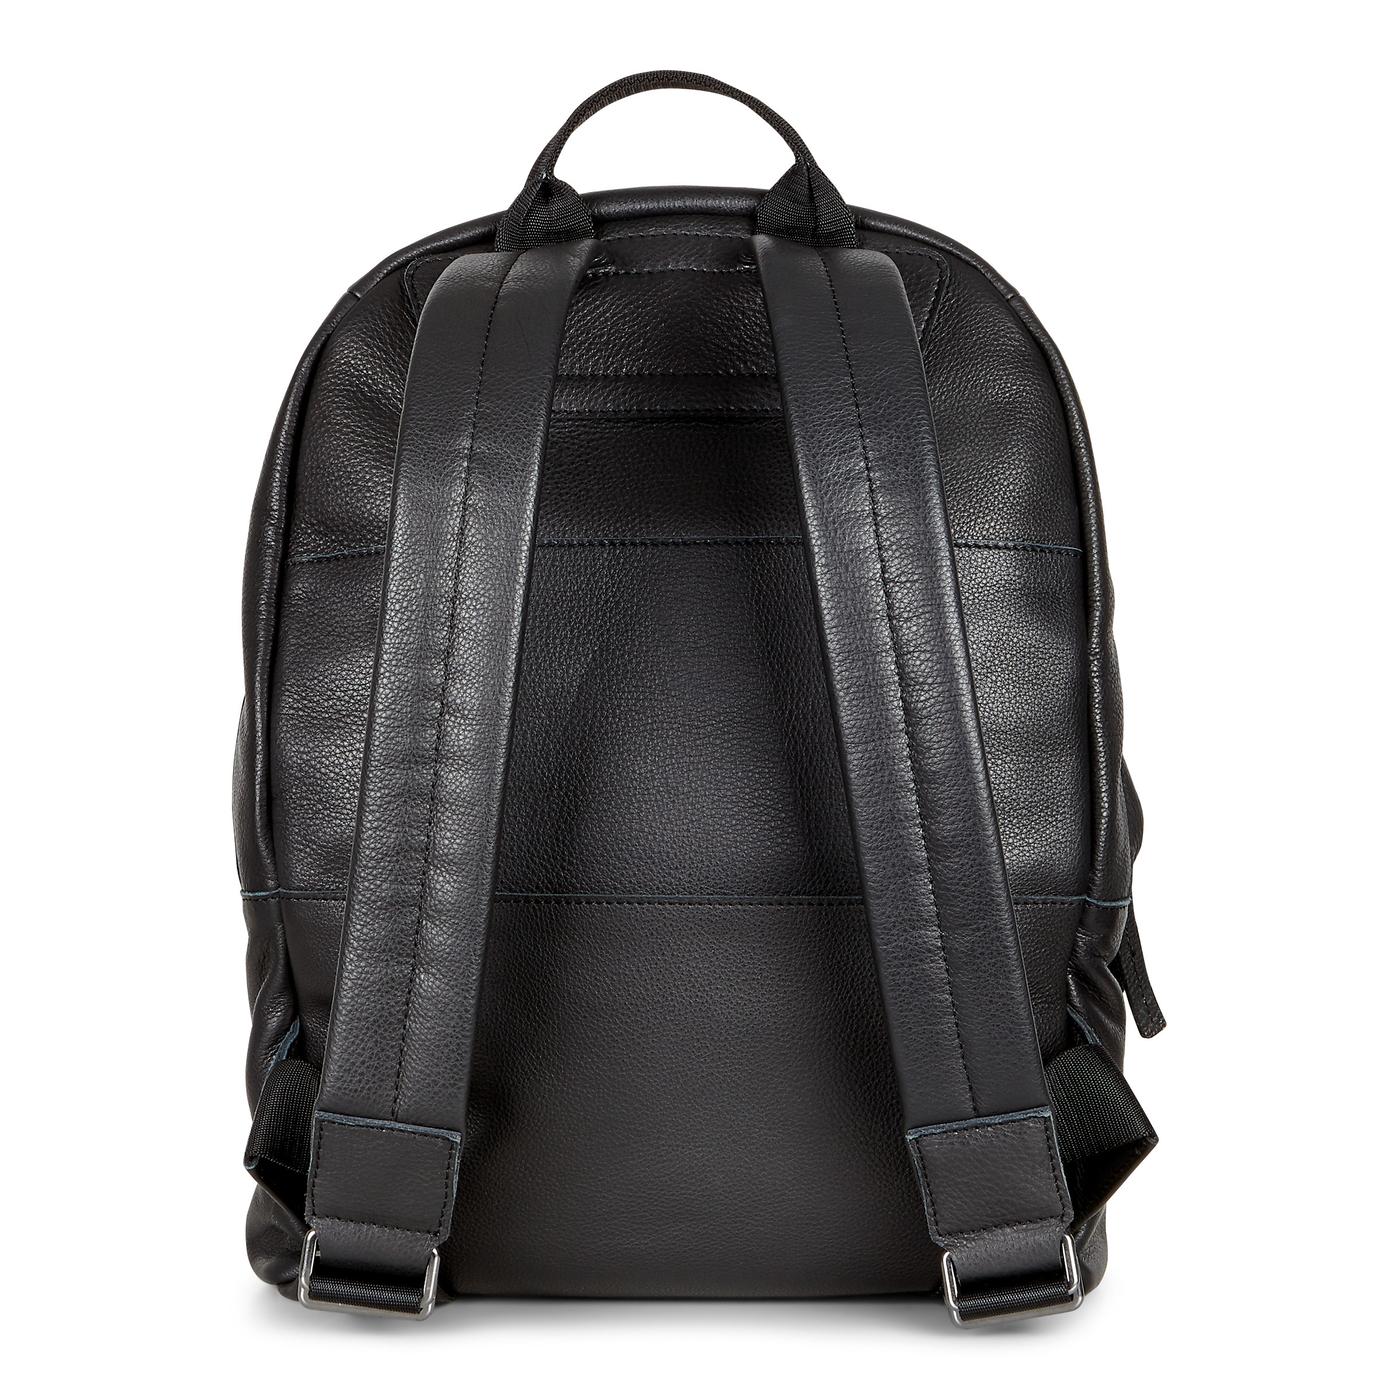 ECCO CASPER Backpack Full Grain Leather